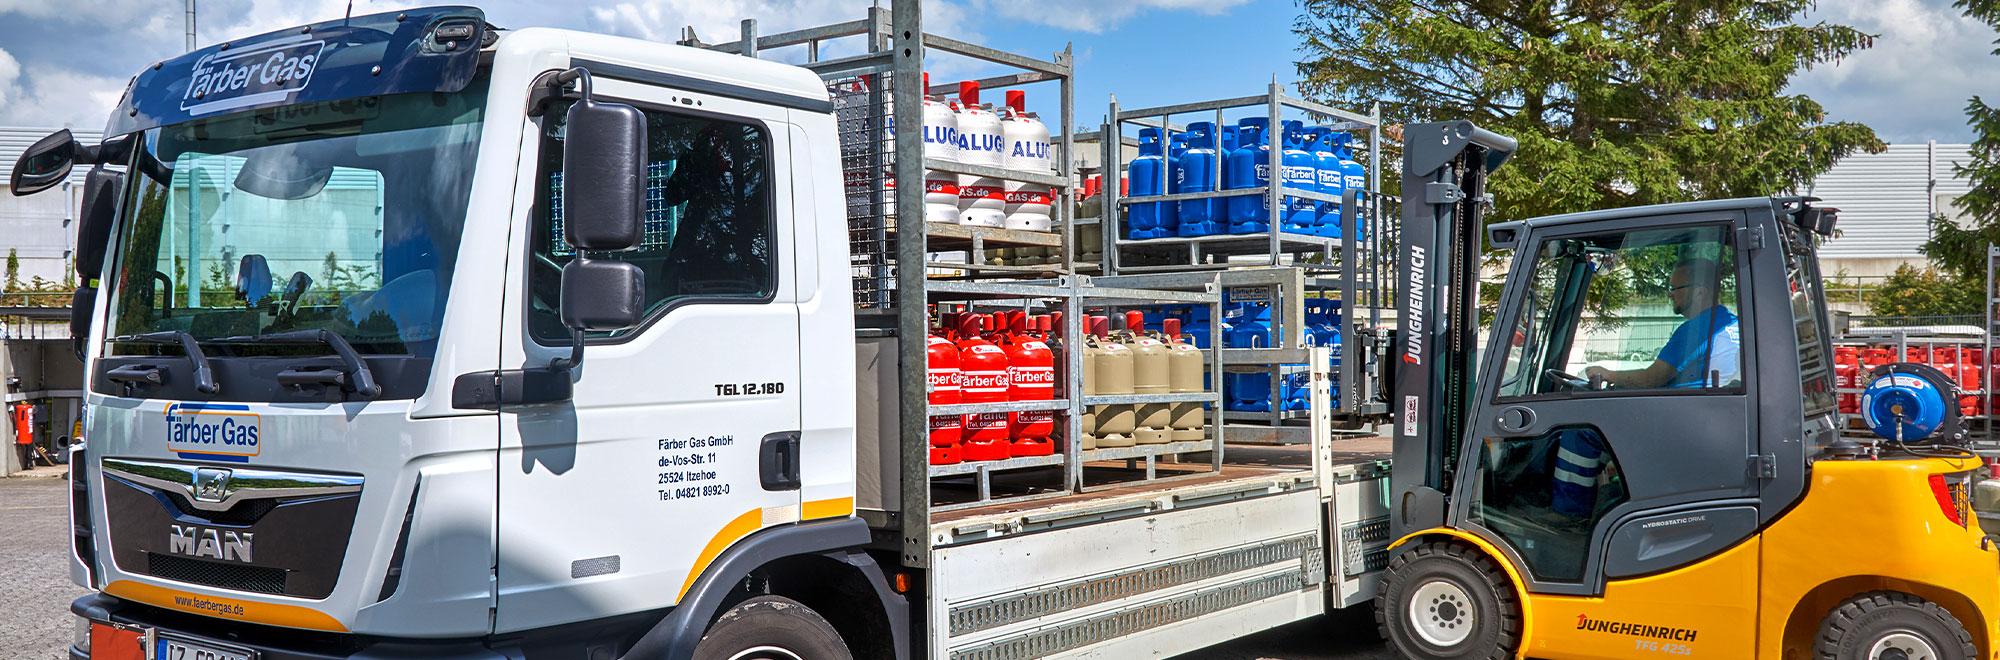 Färber Gas Gewerbekunden Flaschengas